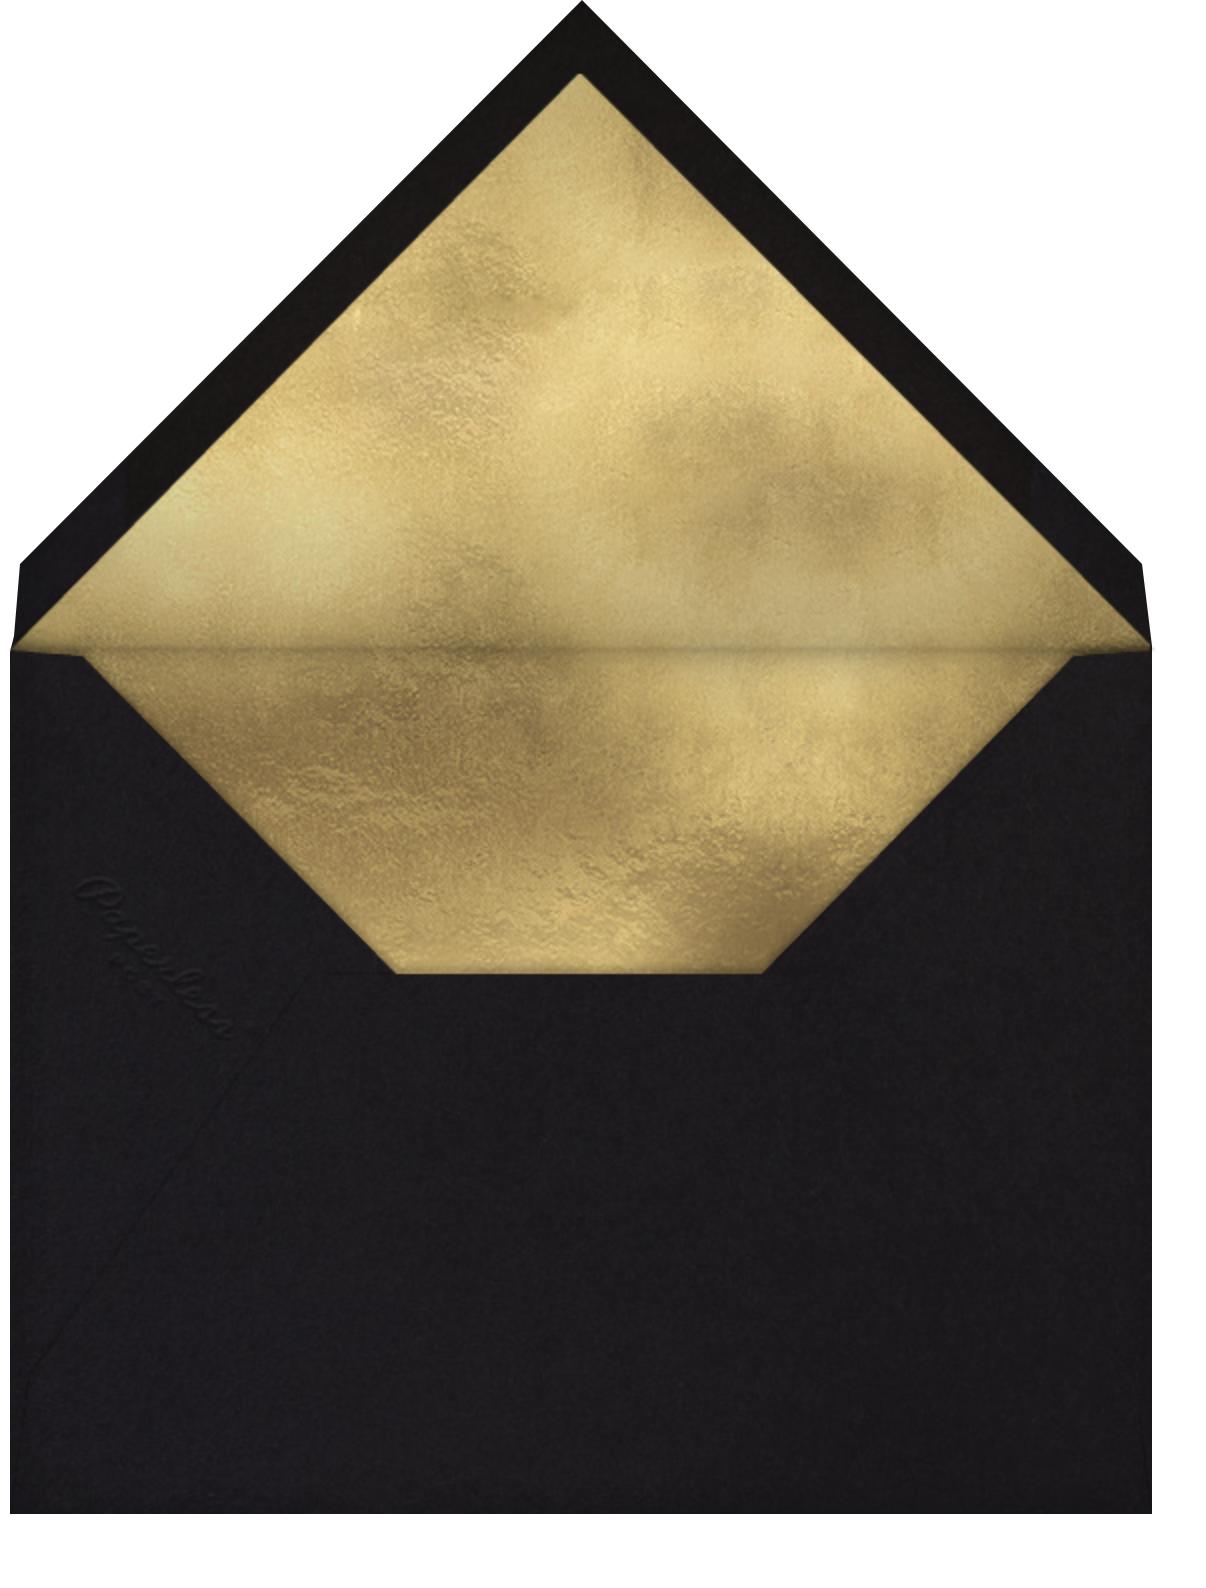 Brushed Gold - Oscar de la Renta - Reception - envelope back